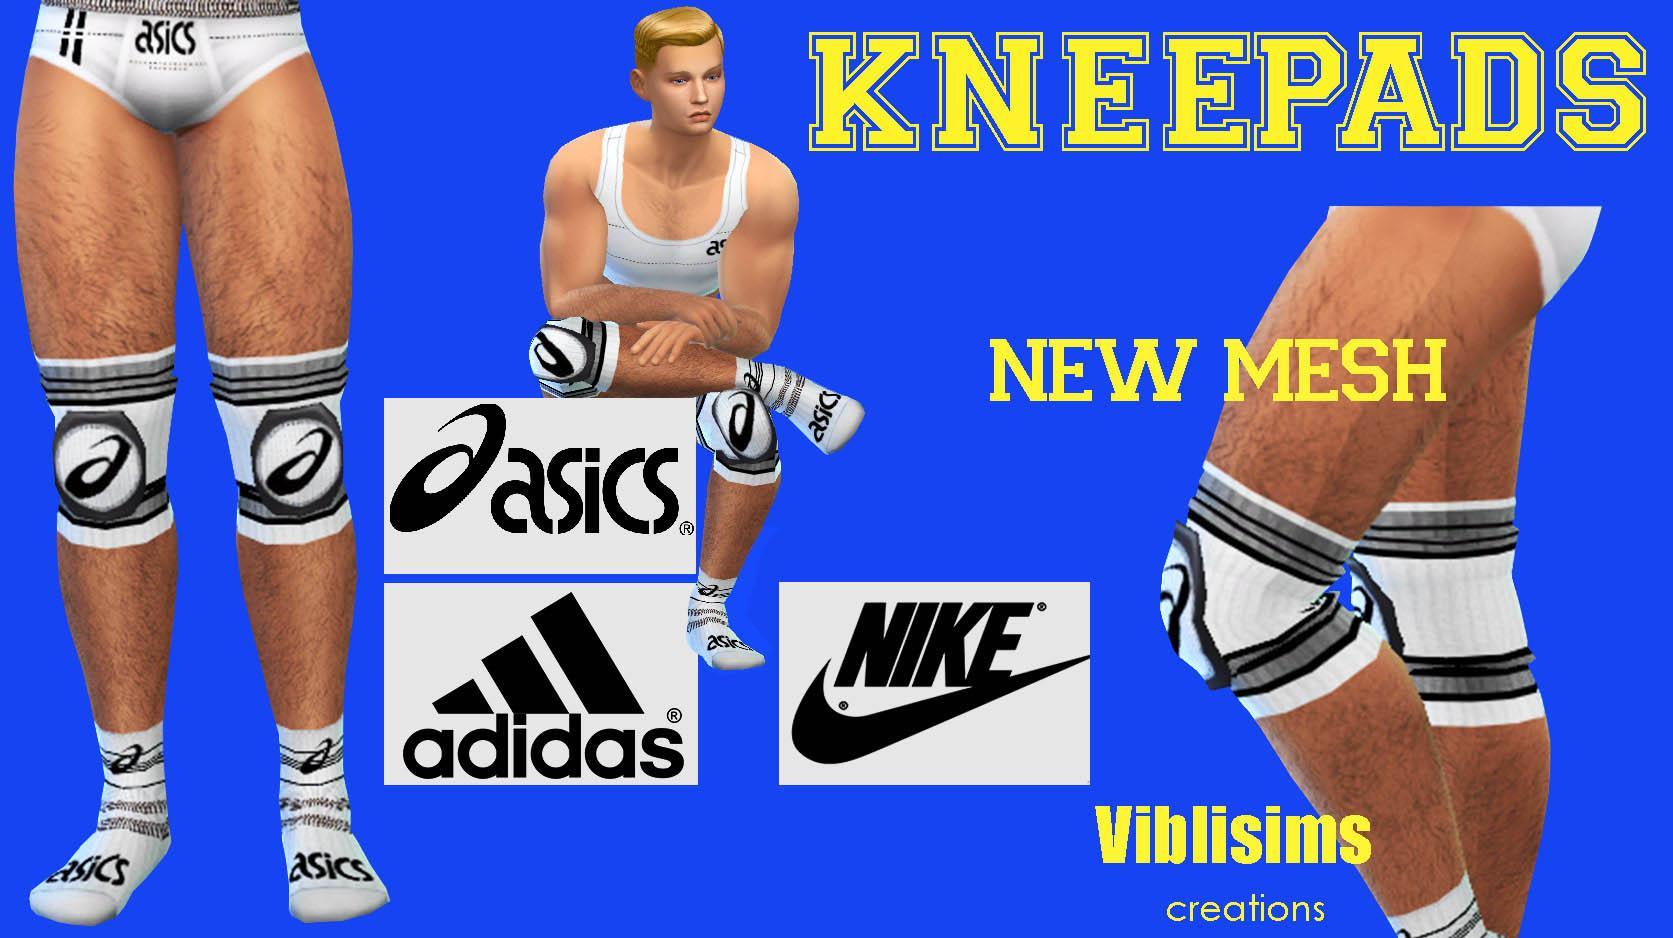 KNEEPADS. Adidas, Asics and Nike